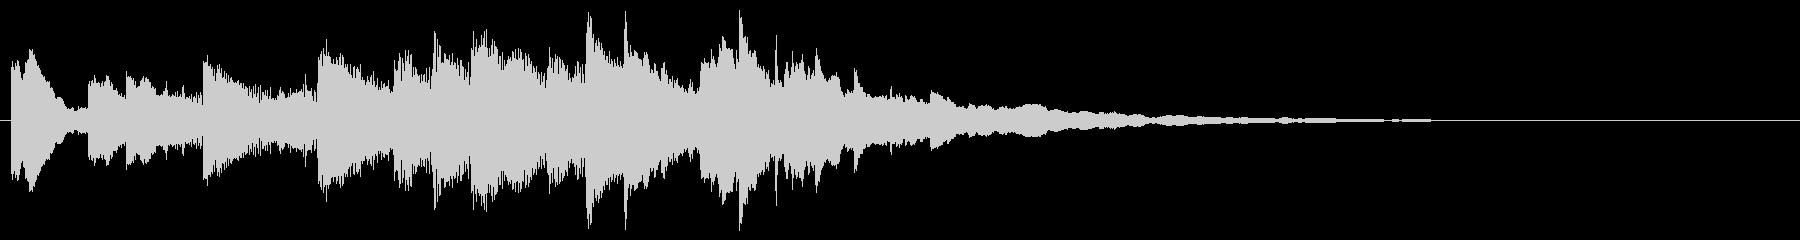 ツンツツンキラキララーン(アイキャッチ)の未再生の波形